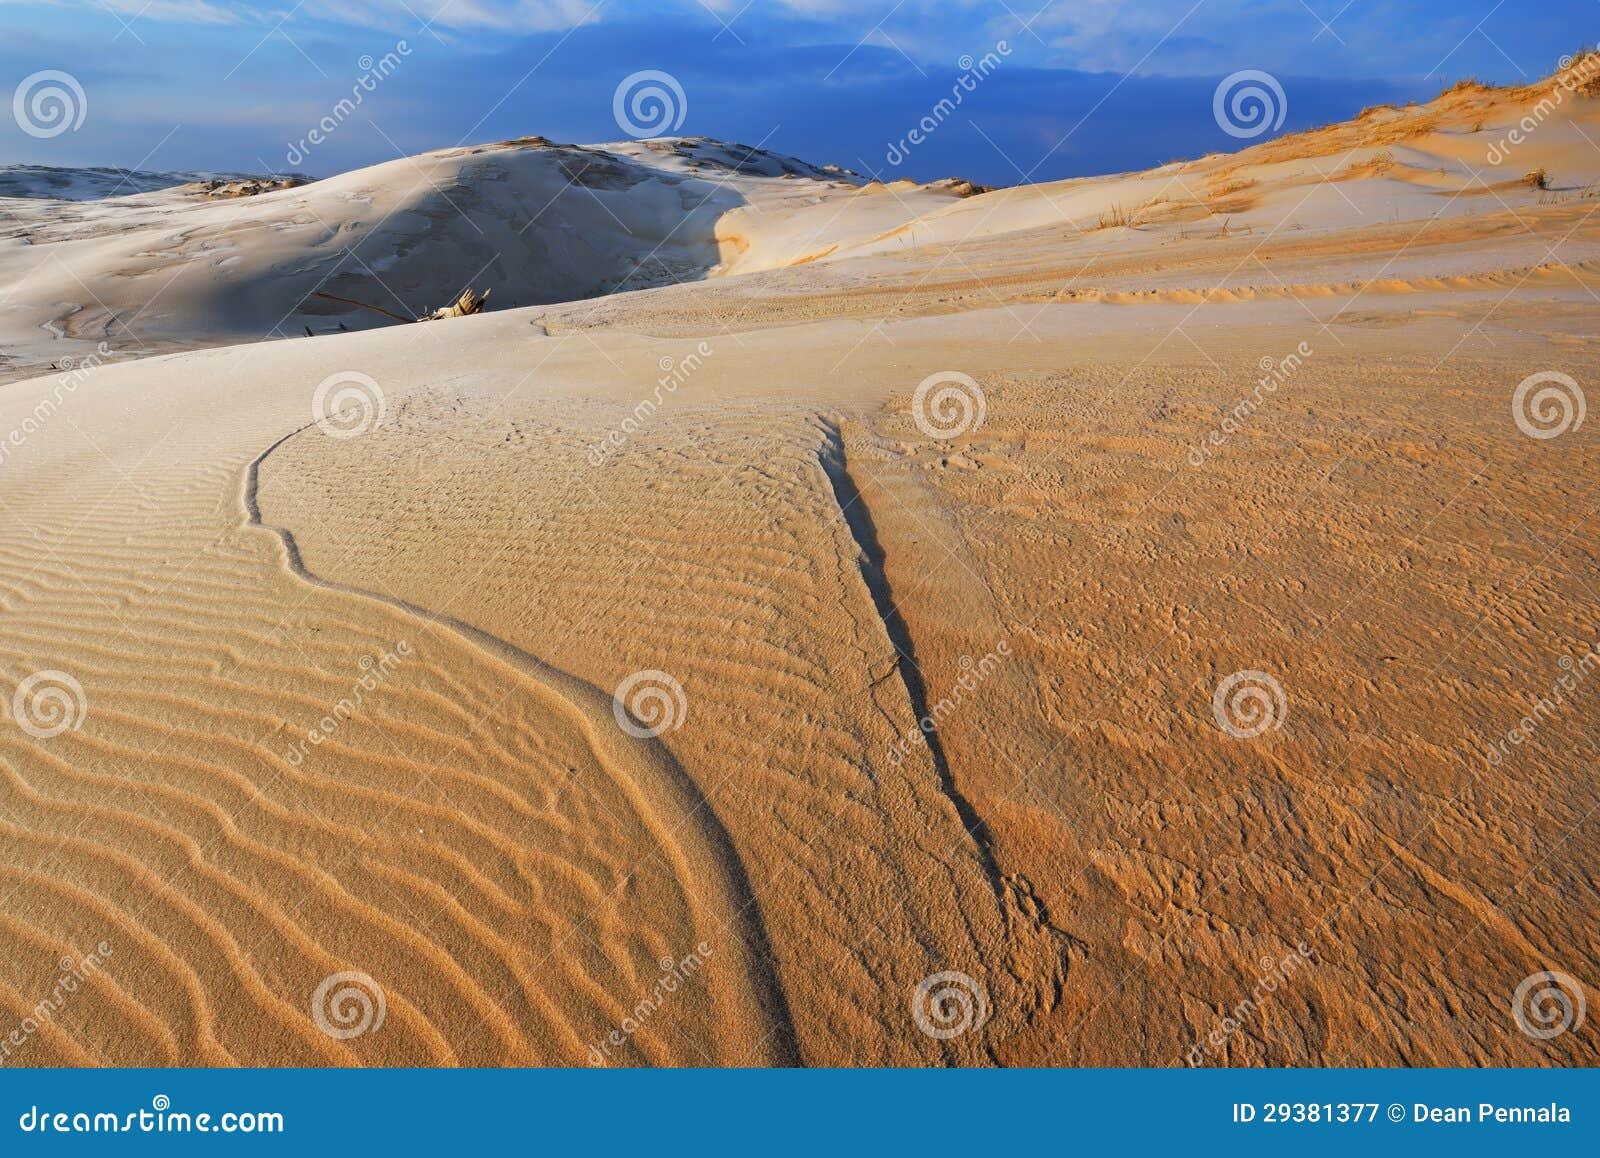 冬天,银色湖沙丘